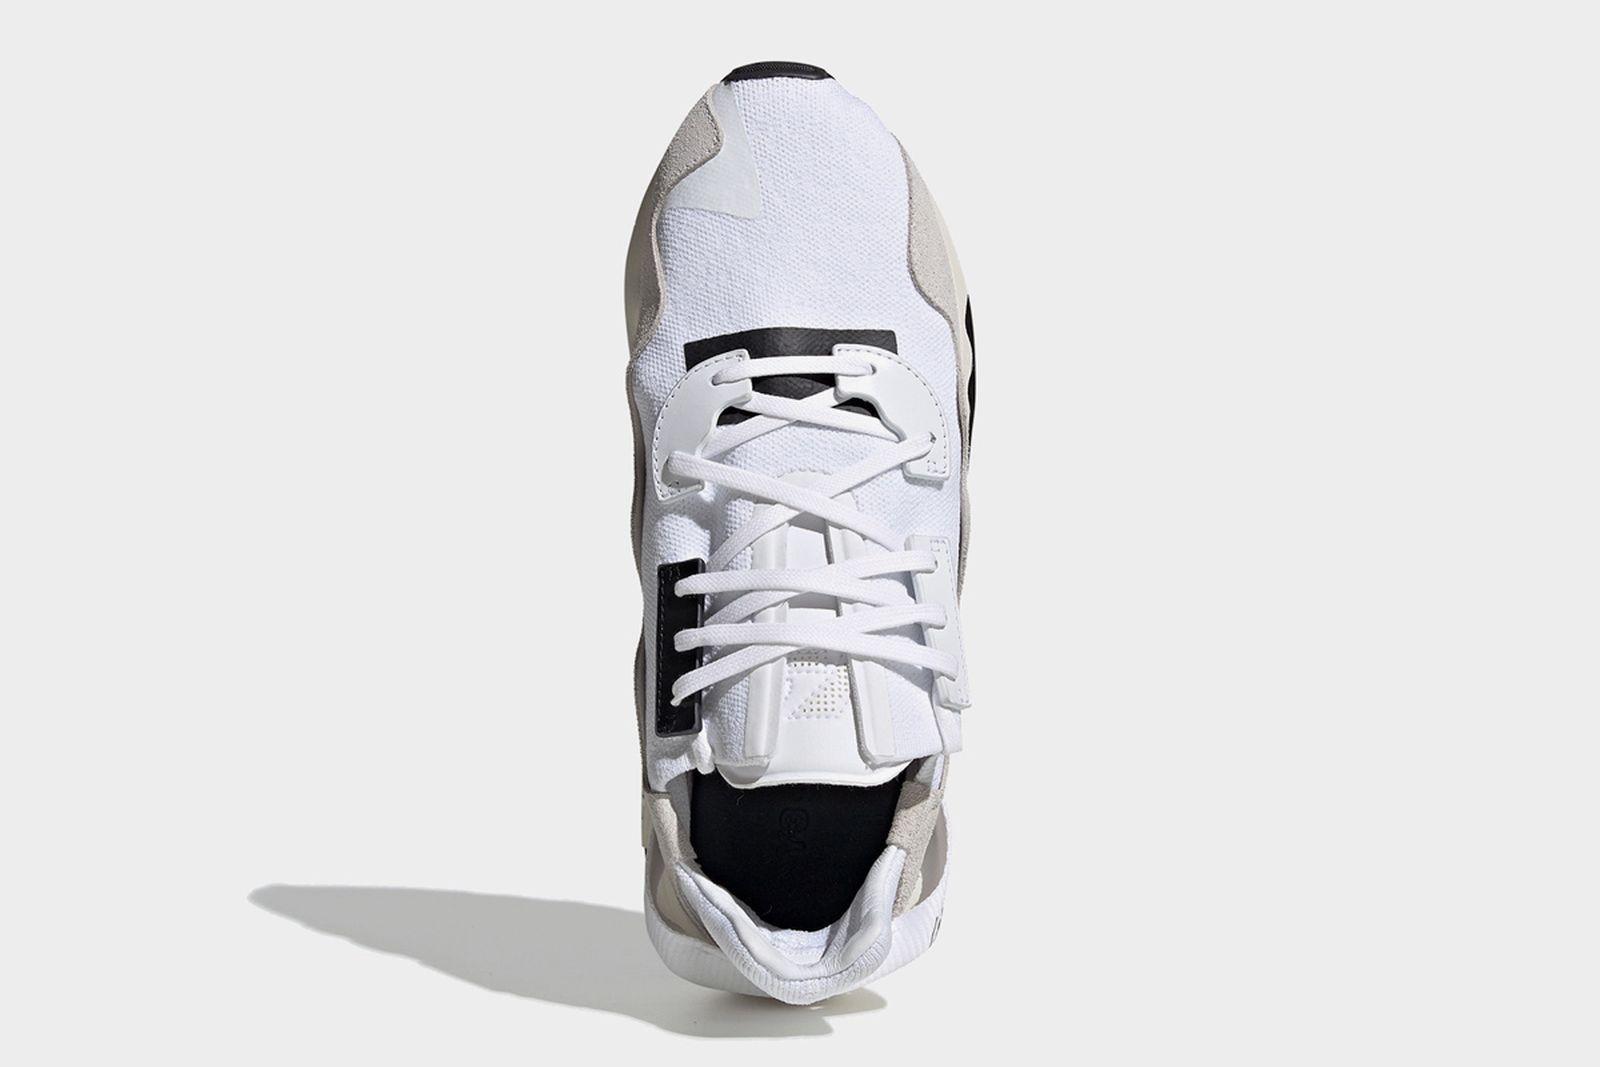 adidas y 3 zx torsion release date price adidas ZX Torsion y-3